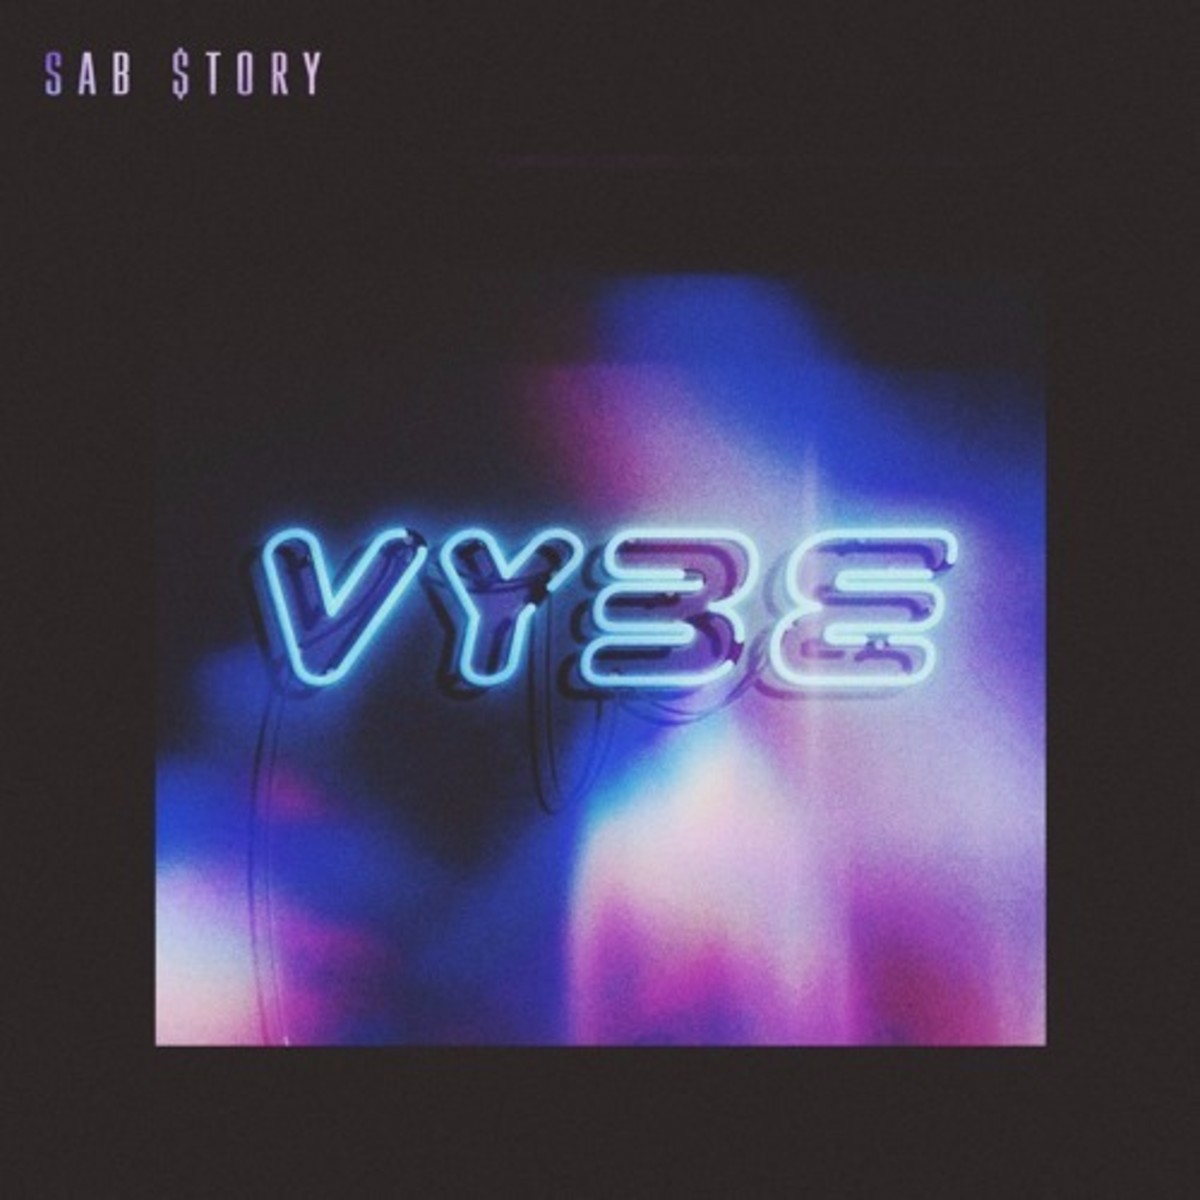 sab-story-vybe.jpg